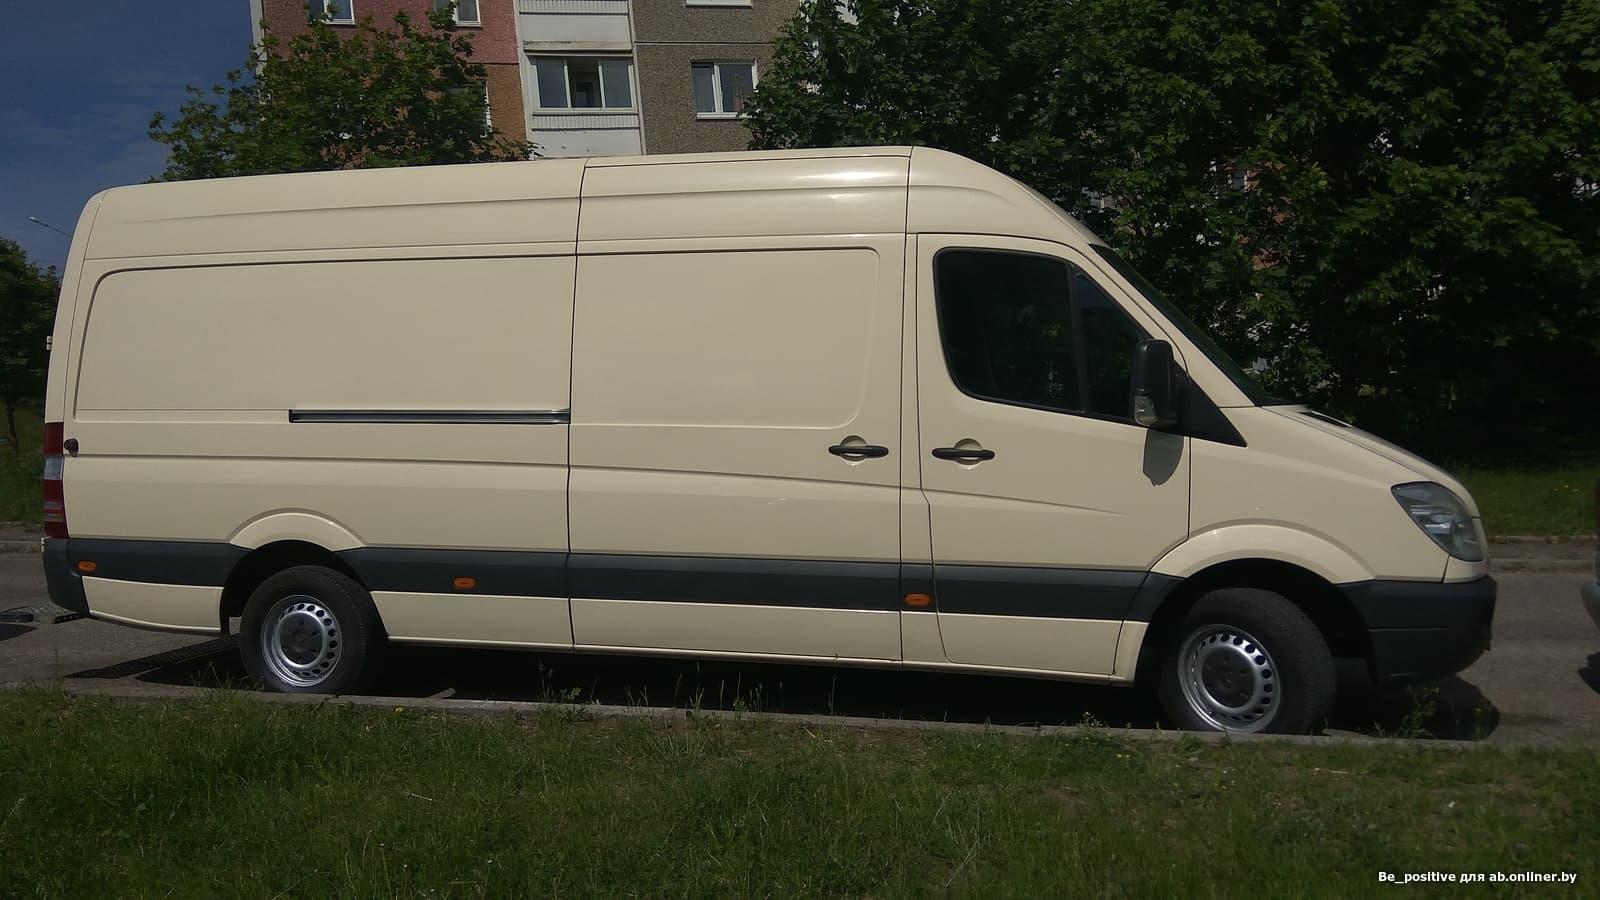 Mercedes-Benz Sprinter 313 CDI Maxi база